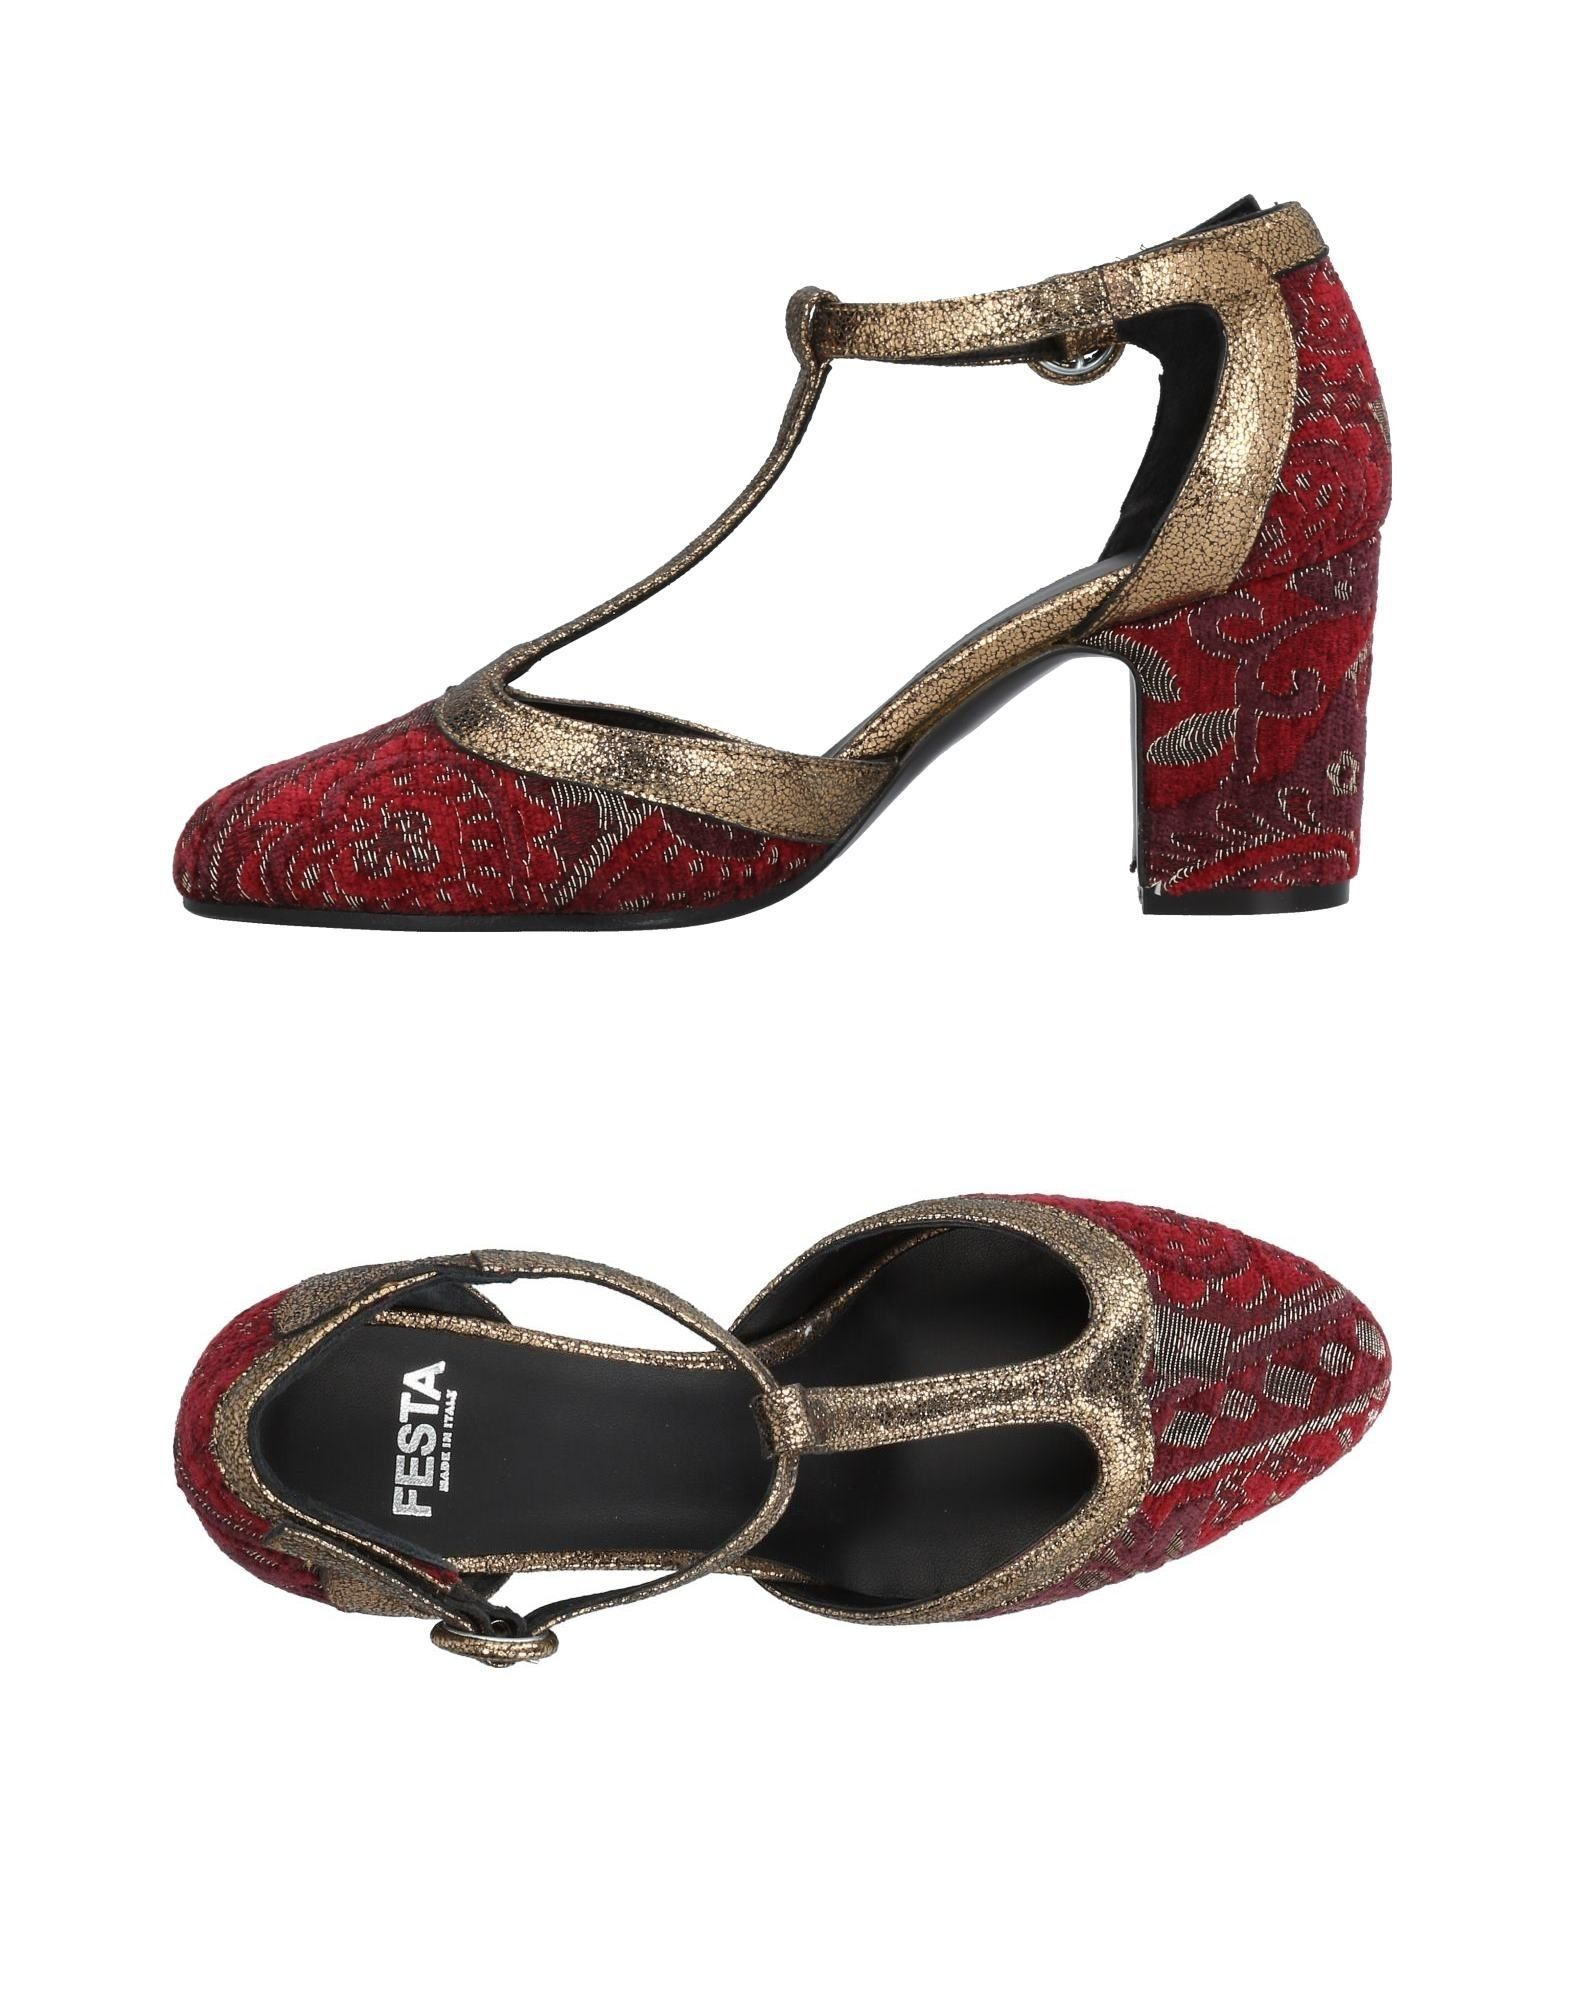 Nuevos zapatos para hombres y mujeres, descuento descuento descuento por tiempo limitado Zapato De Salón Festa Milano Mujer - Salones Festa Milano  Púrpura ee7e95